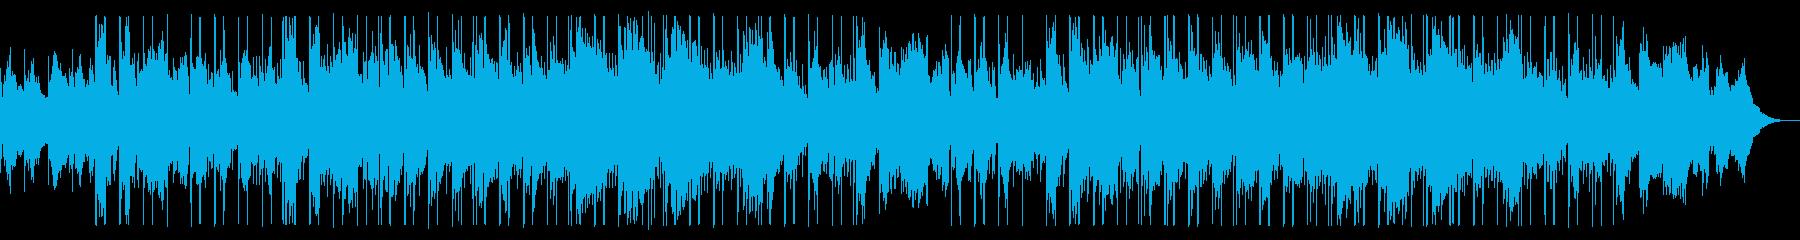 心地よいエレピ・エモいシンセサウンドの再生済みの波形